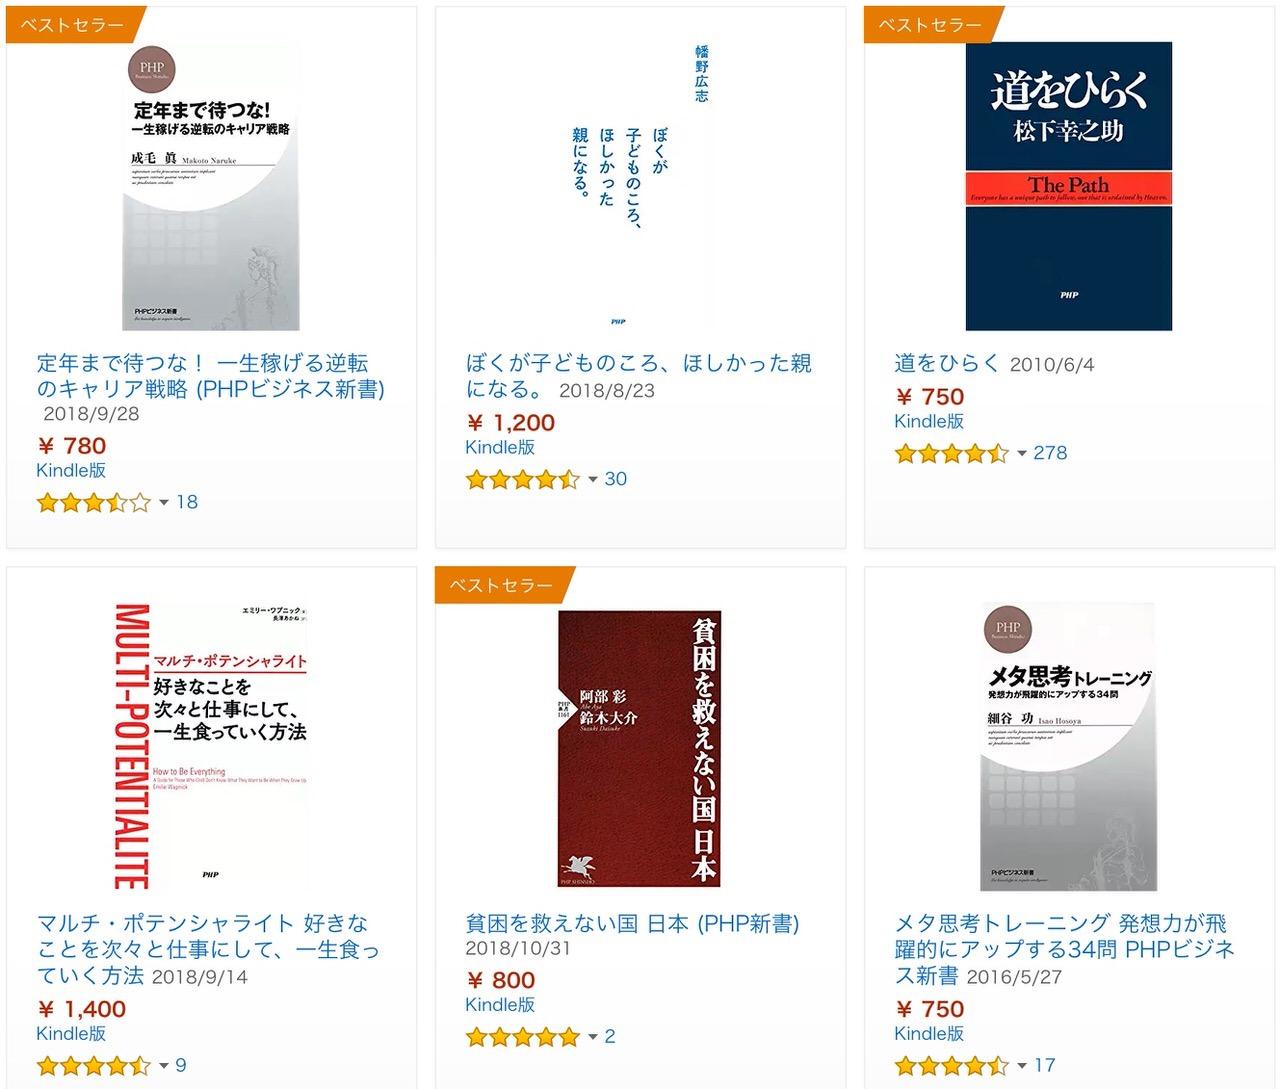 【Kindleセール】PHP研究所の7,000冊以上が対象!50%ポイント還元「役に立つ・ためになる本セール」(11/29まで)